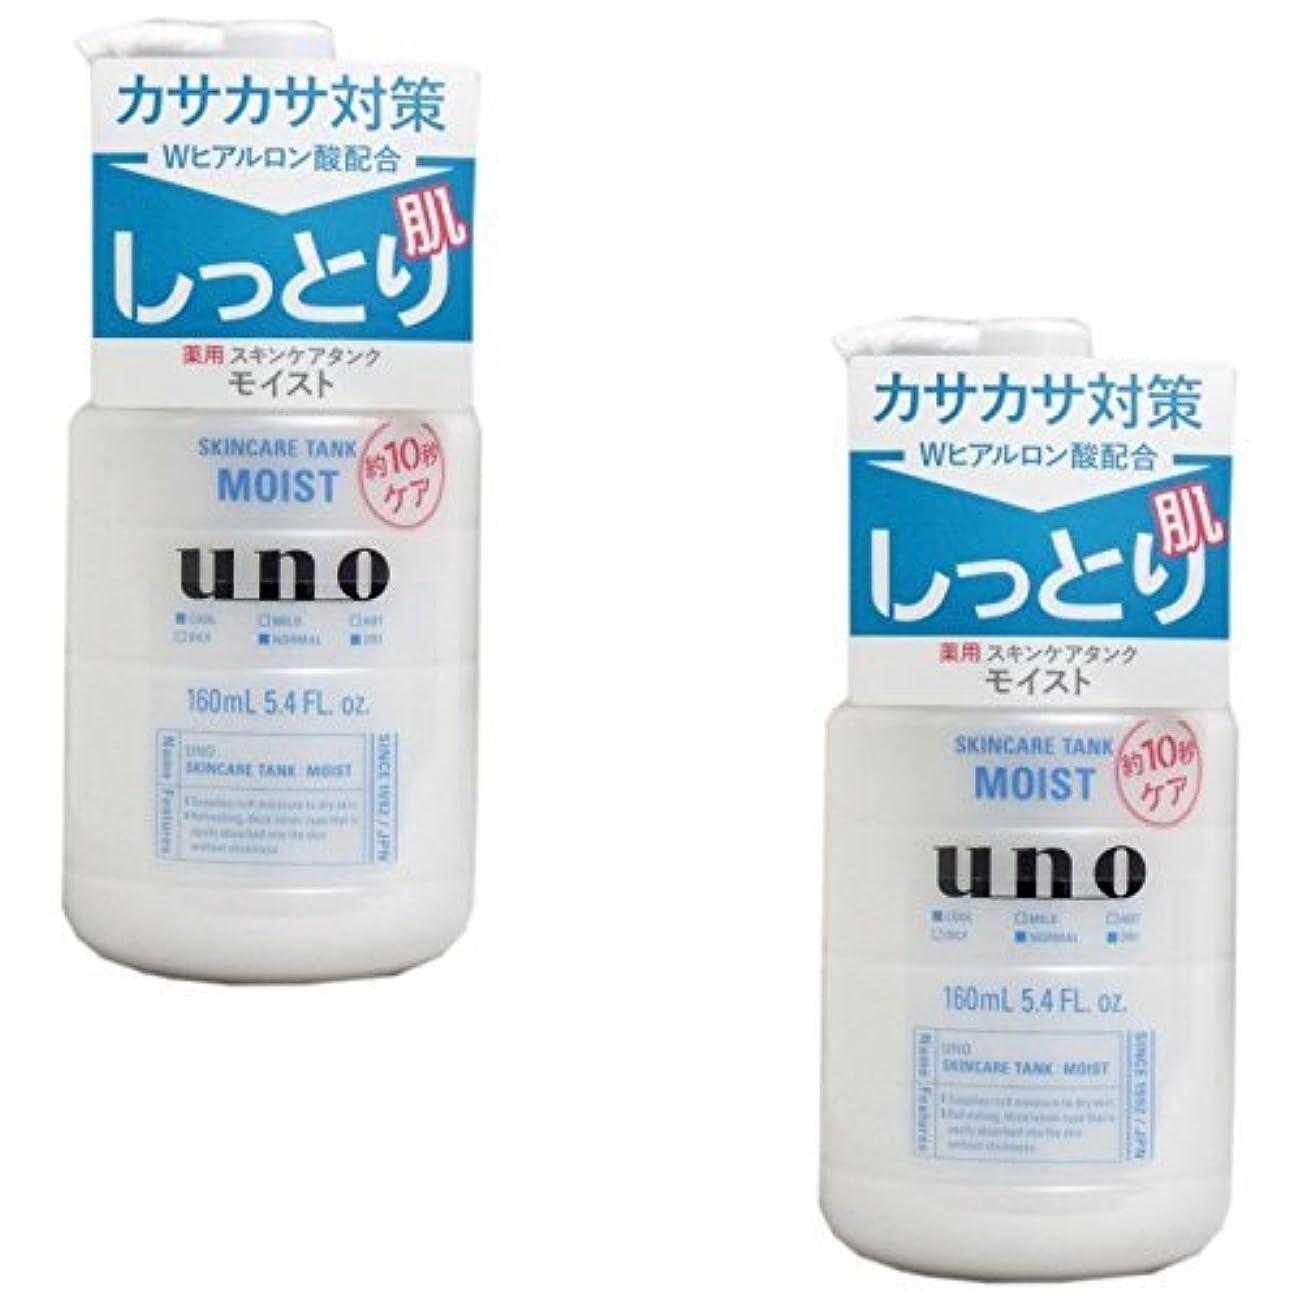 【資生堂】ウーノ(uno) スキンケアタンク (しっとり) 160mL ×2個セット